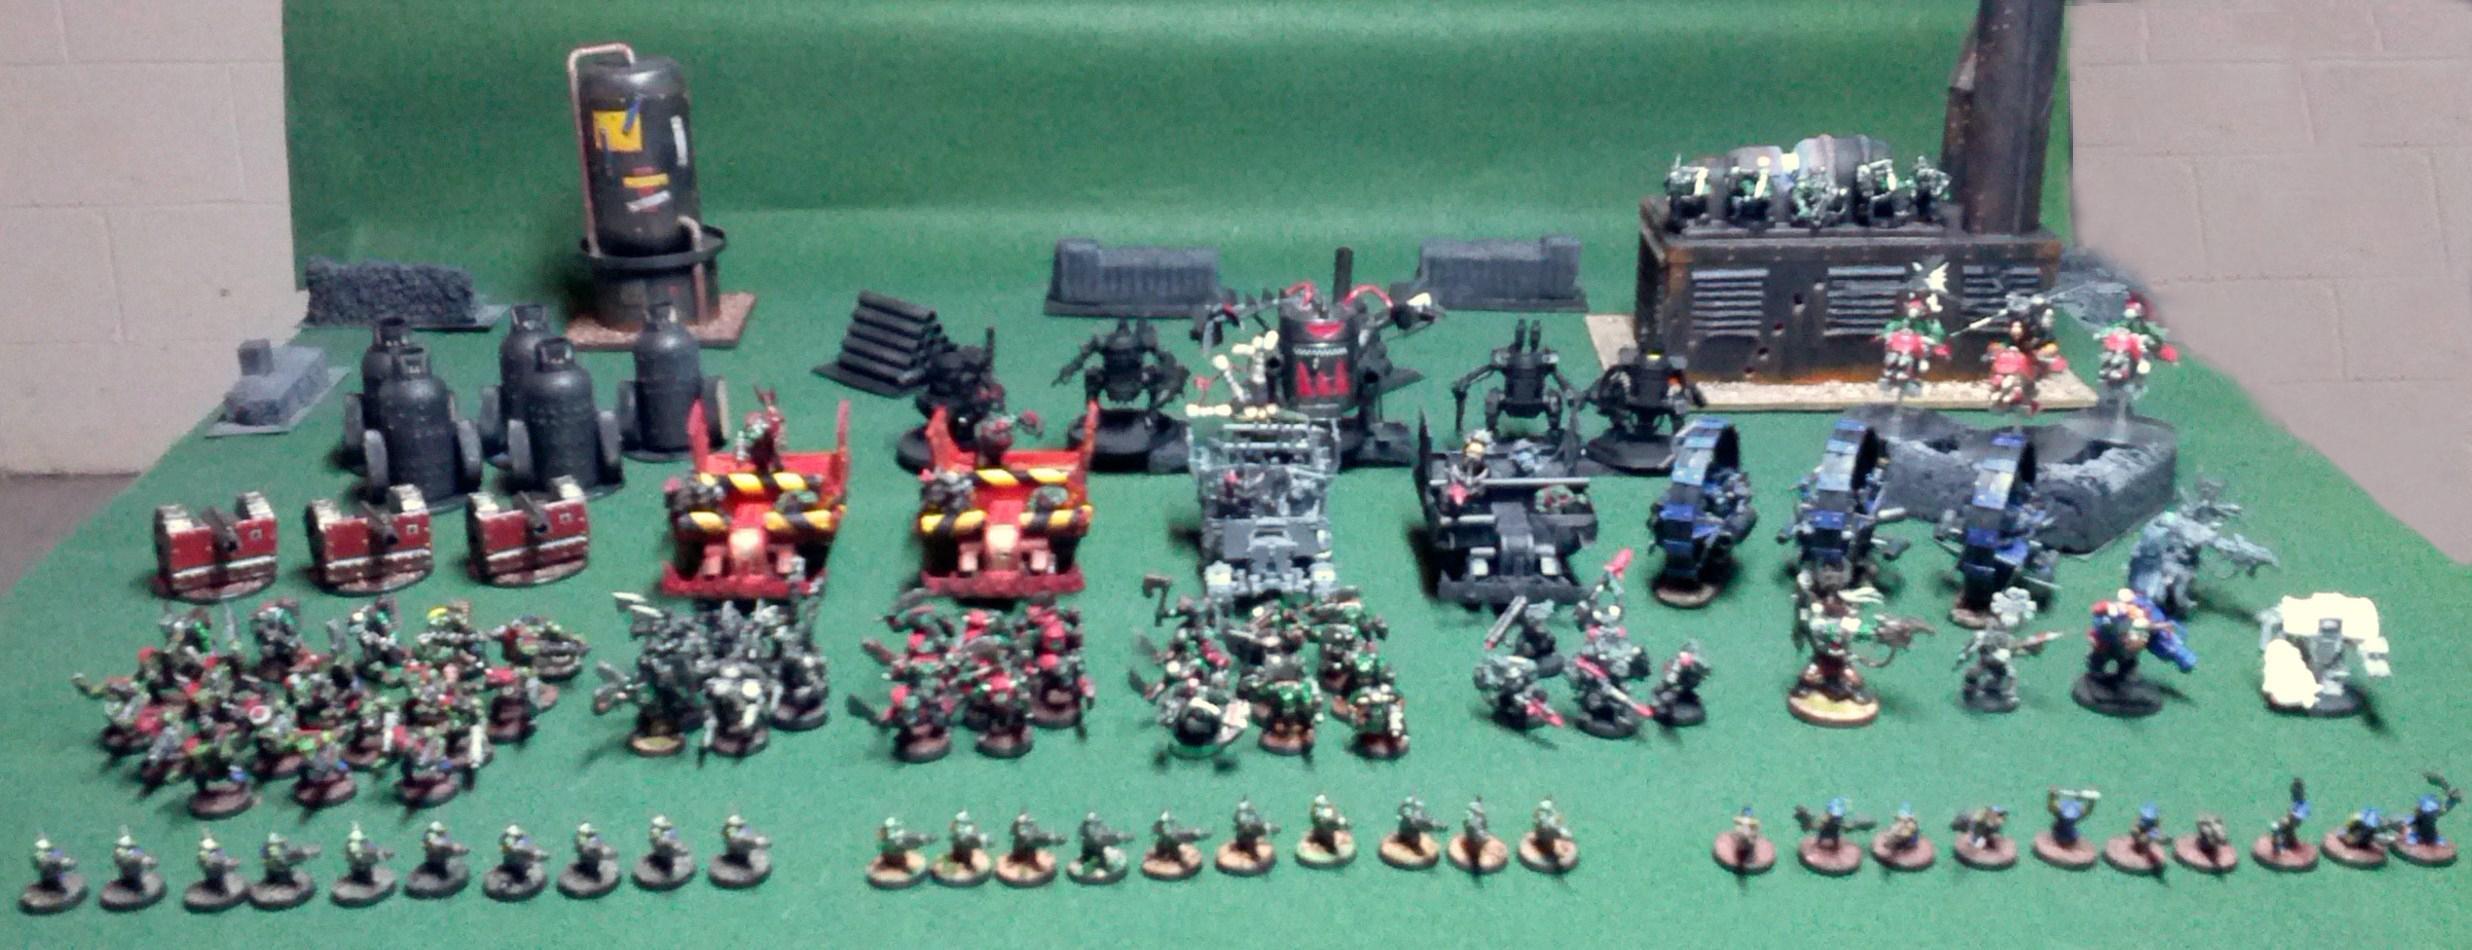 Army, Orks, Ork Army 2015